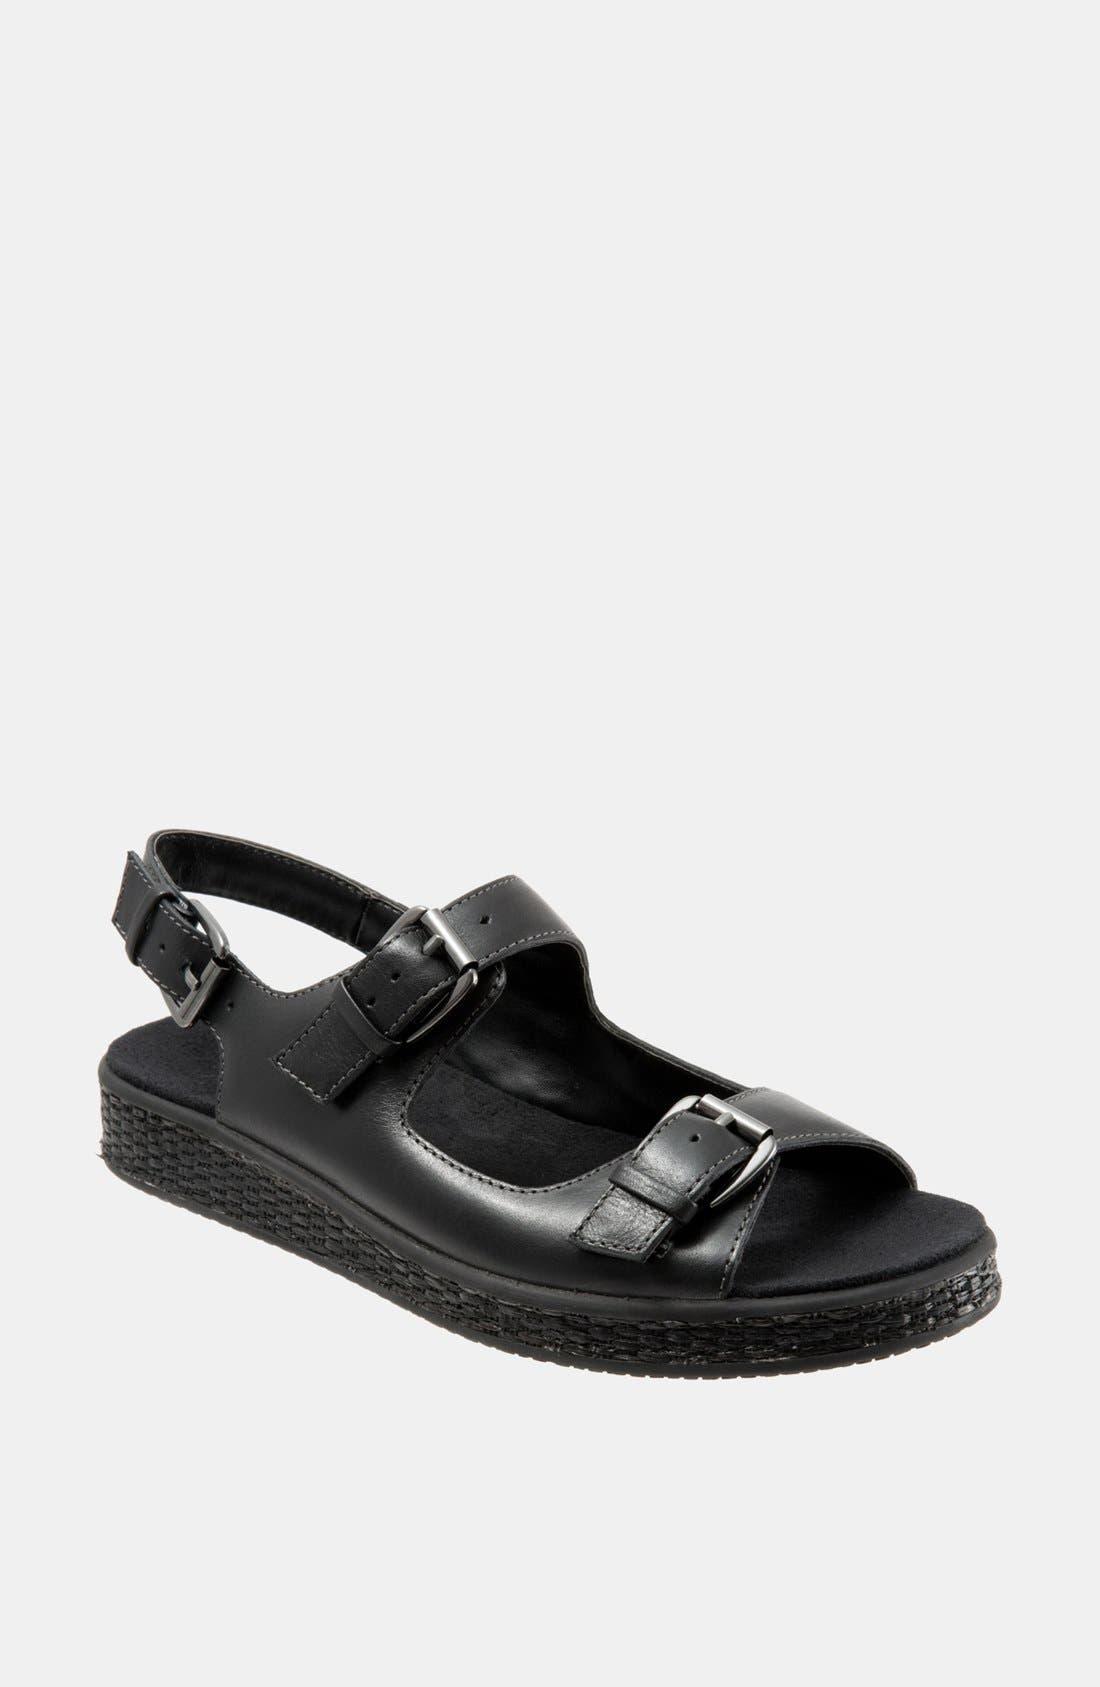 Main Image - Trotters 'Bibi' Sandal